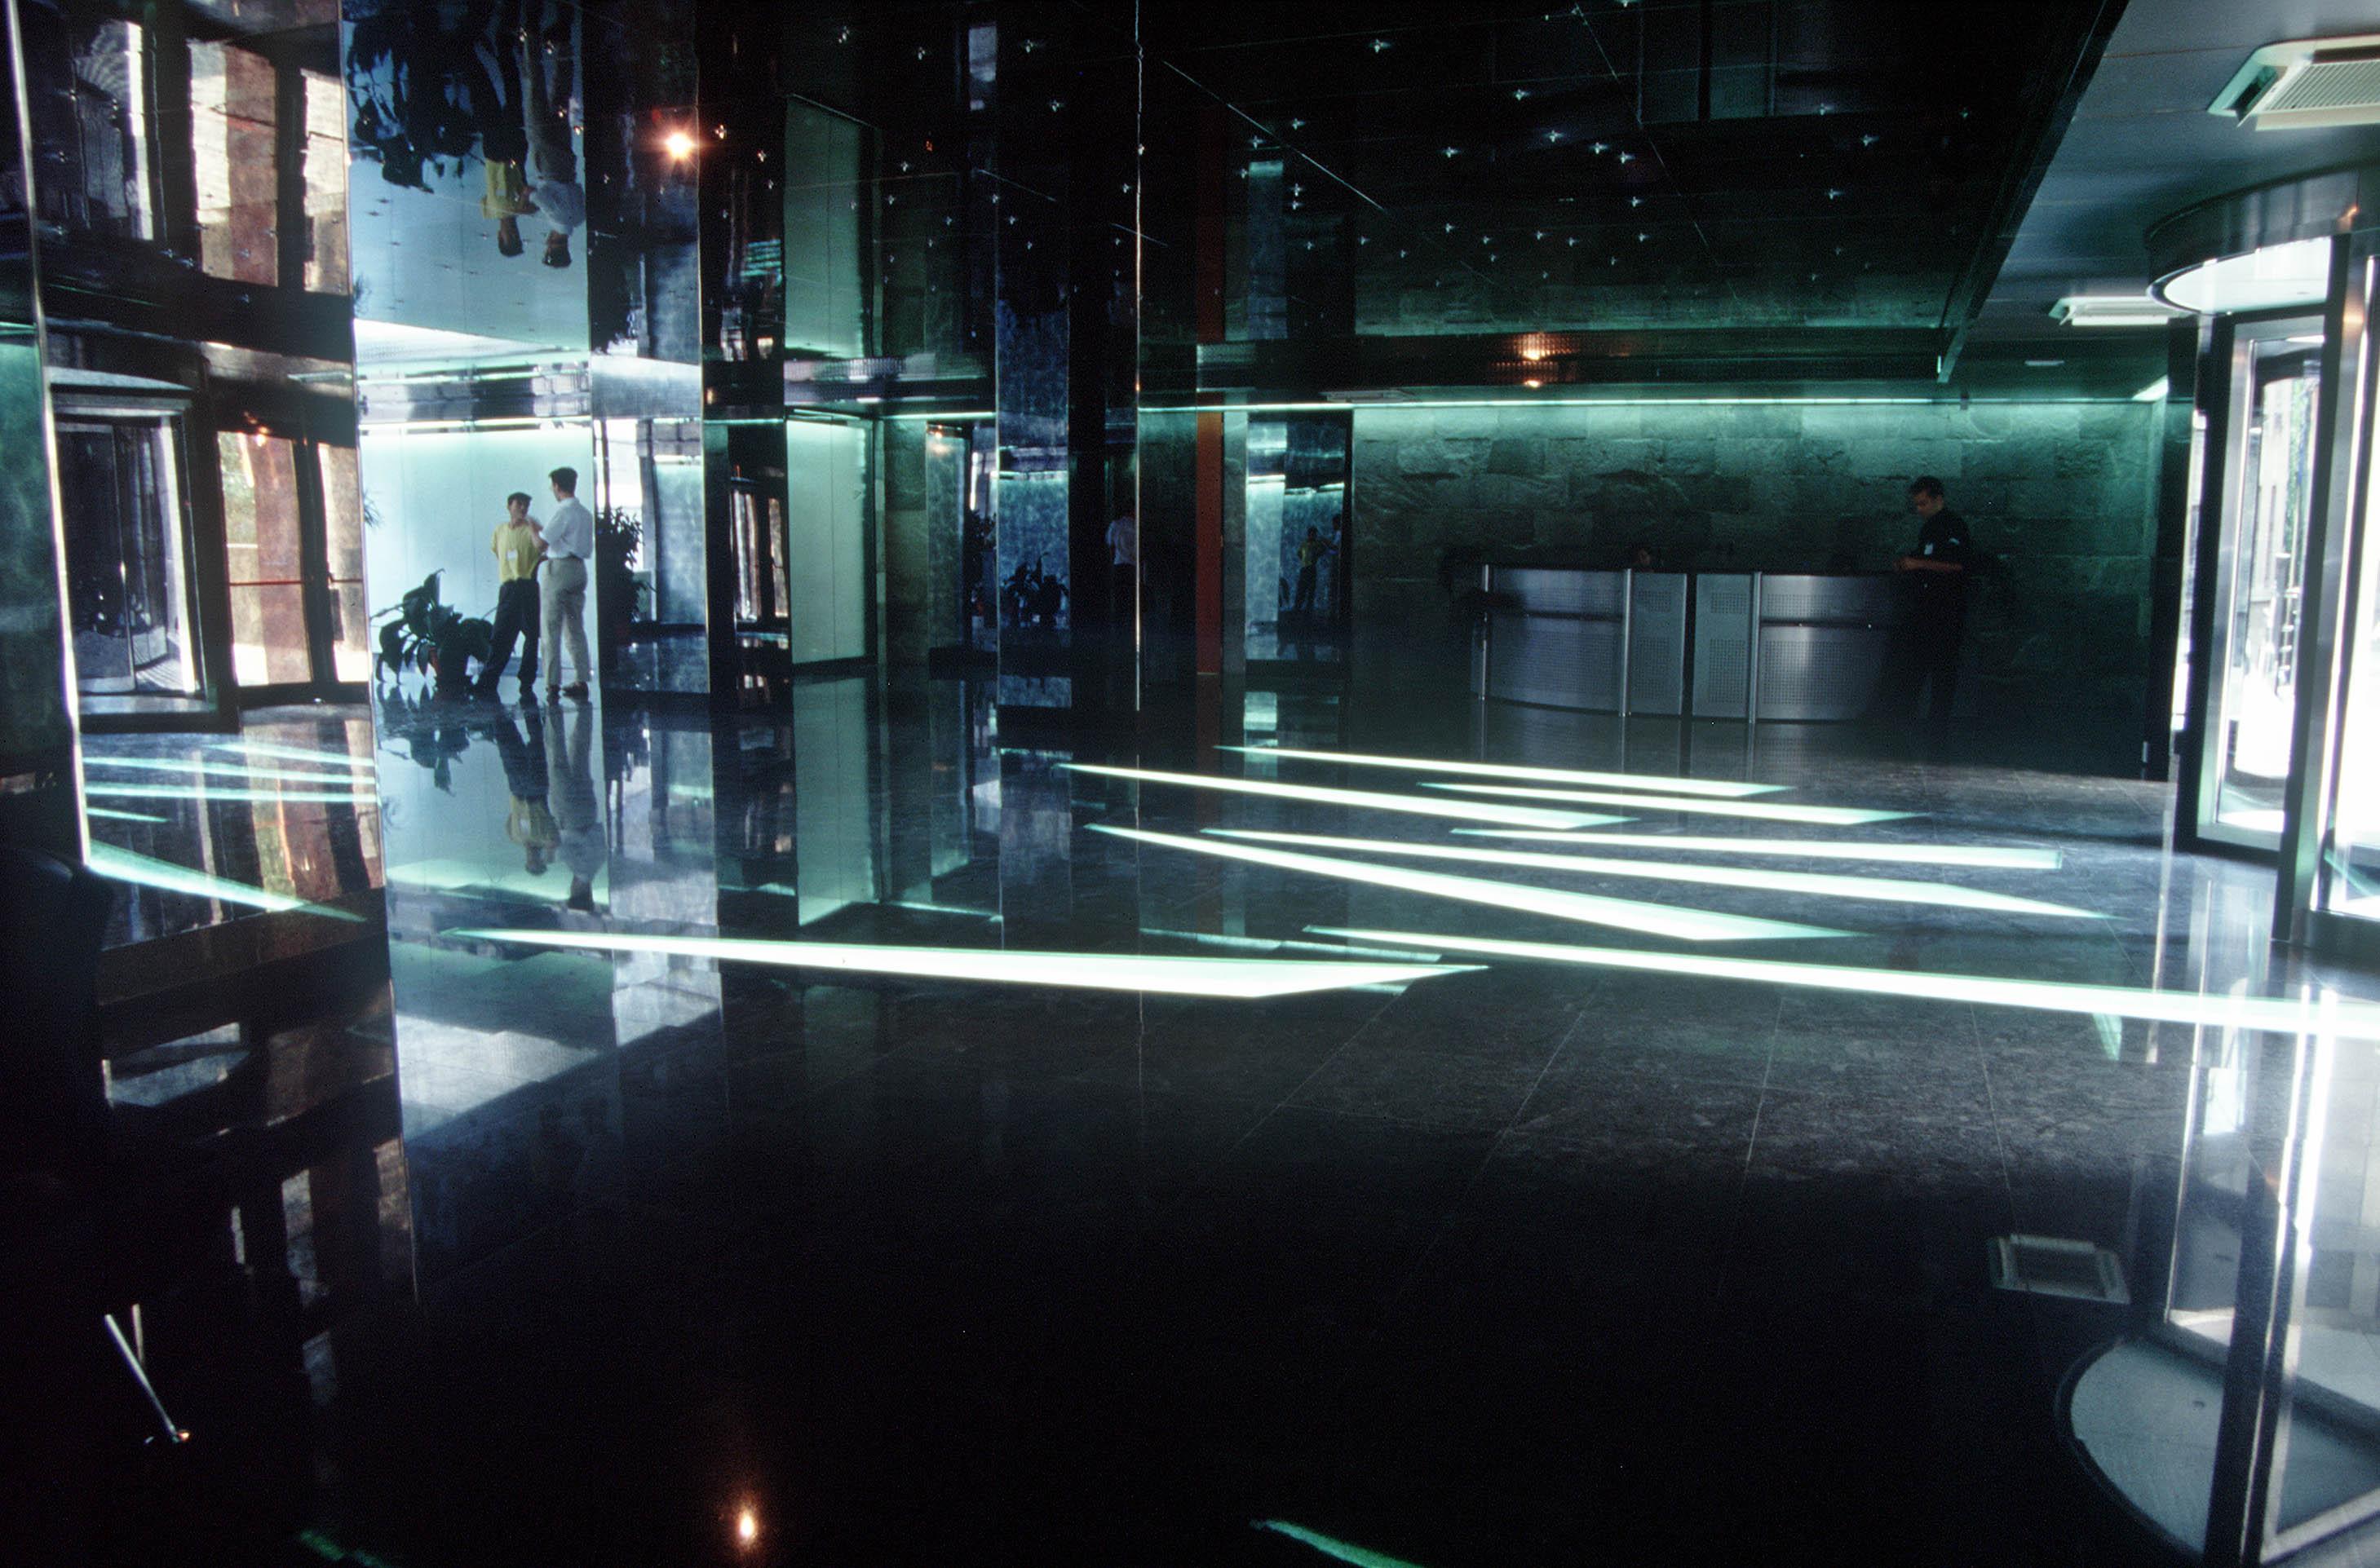 Sistem de iluminare - Sediu Allianz CARALUX - Poza 3